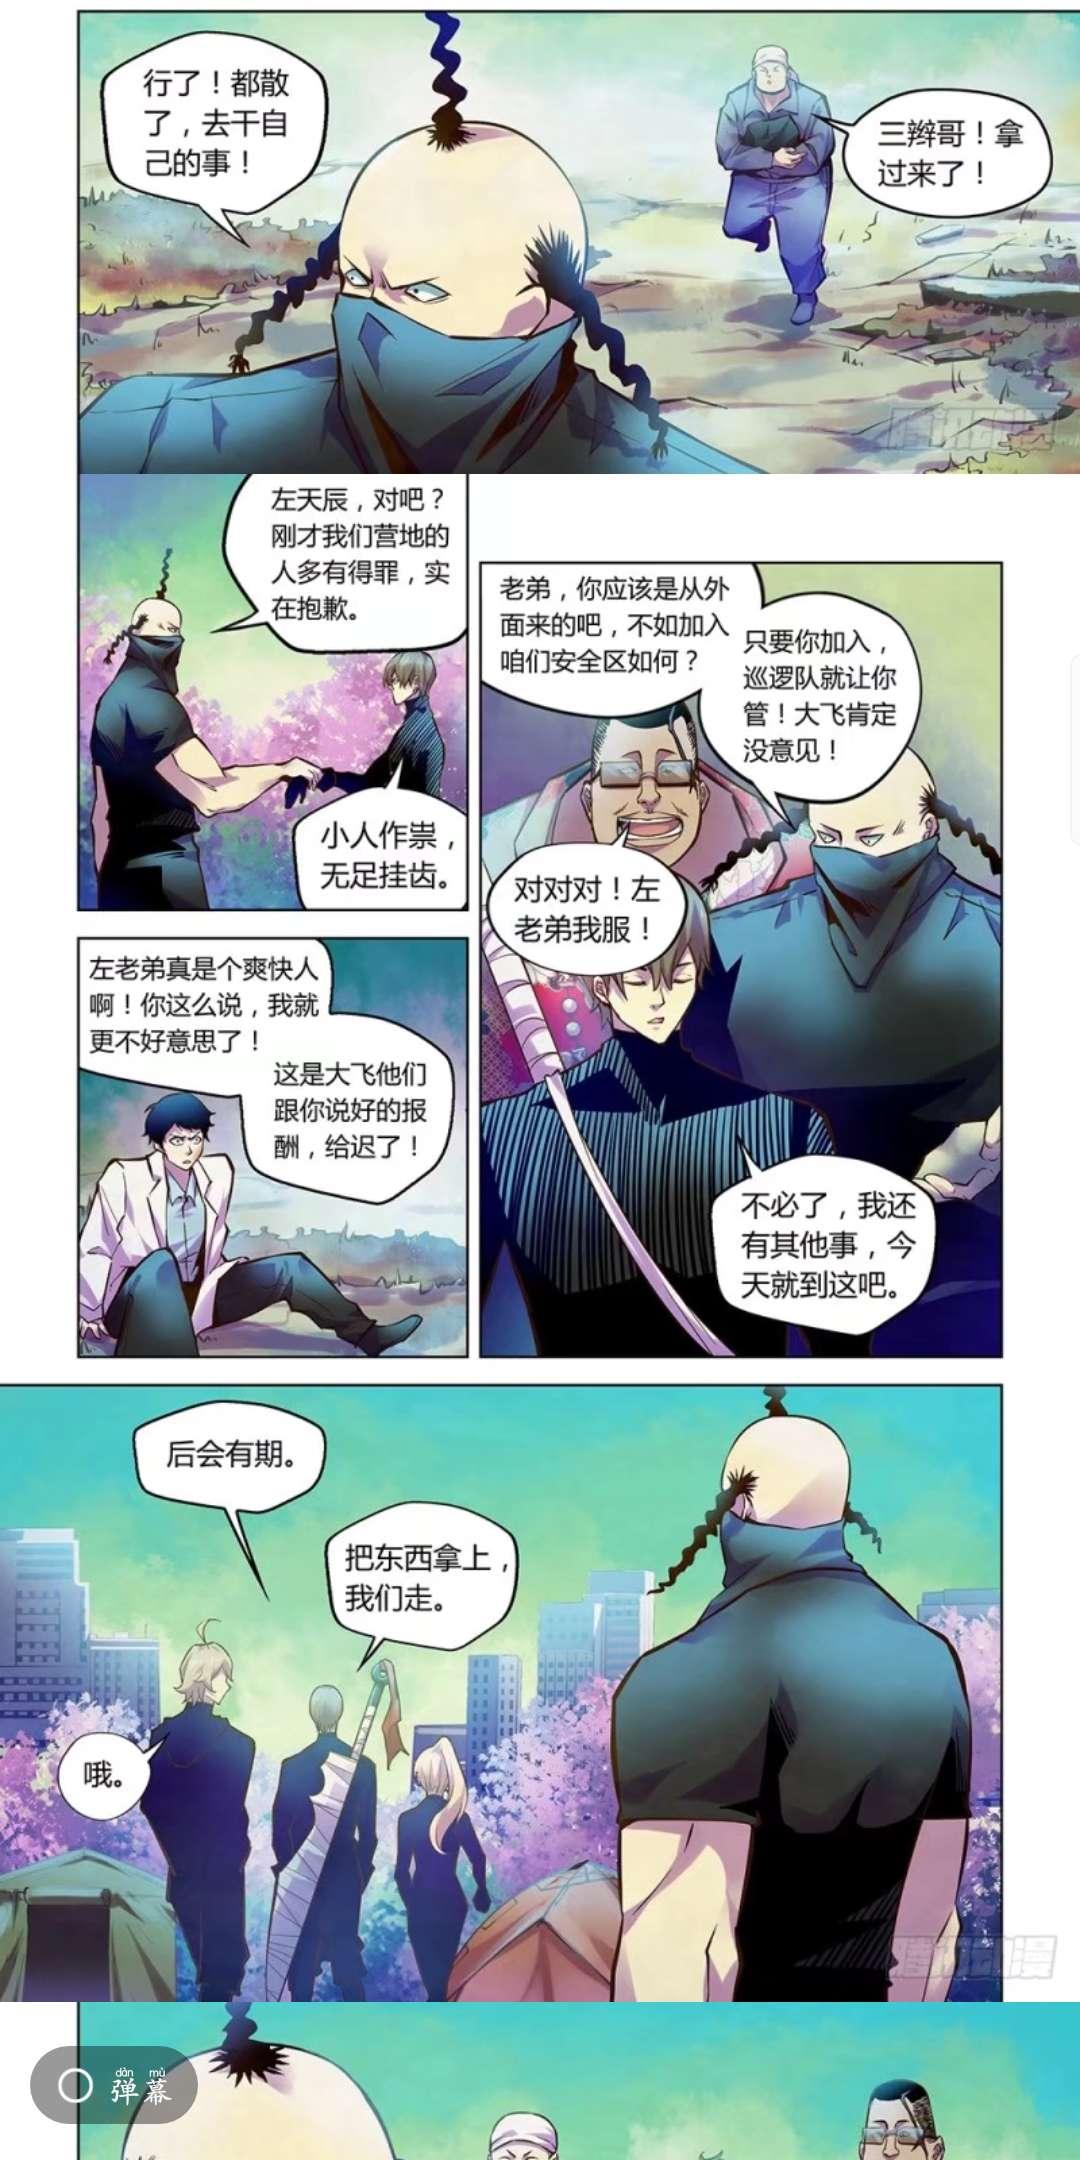 【漫画更新】末世凡人   217话开始更(长期)